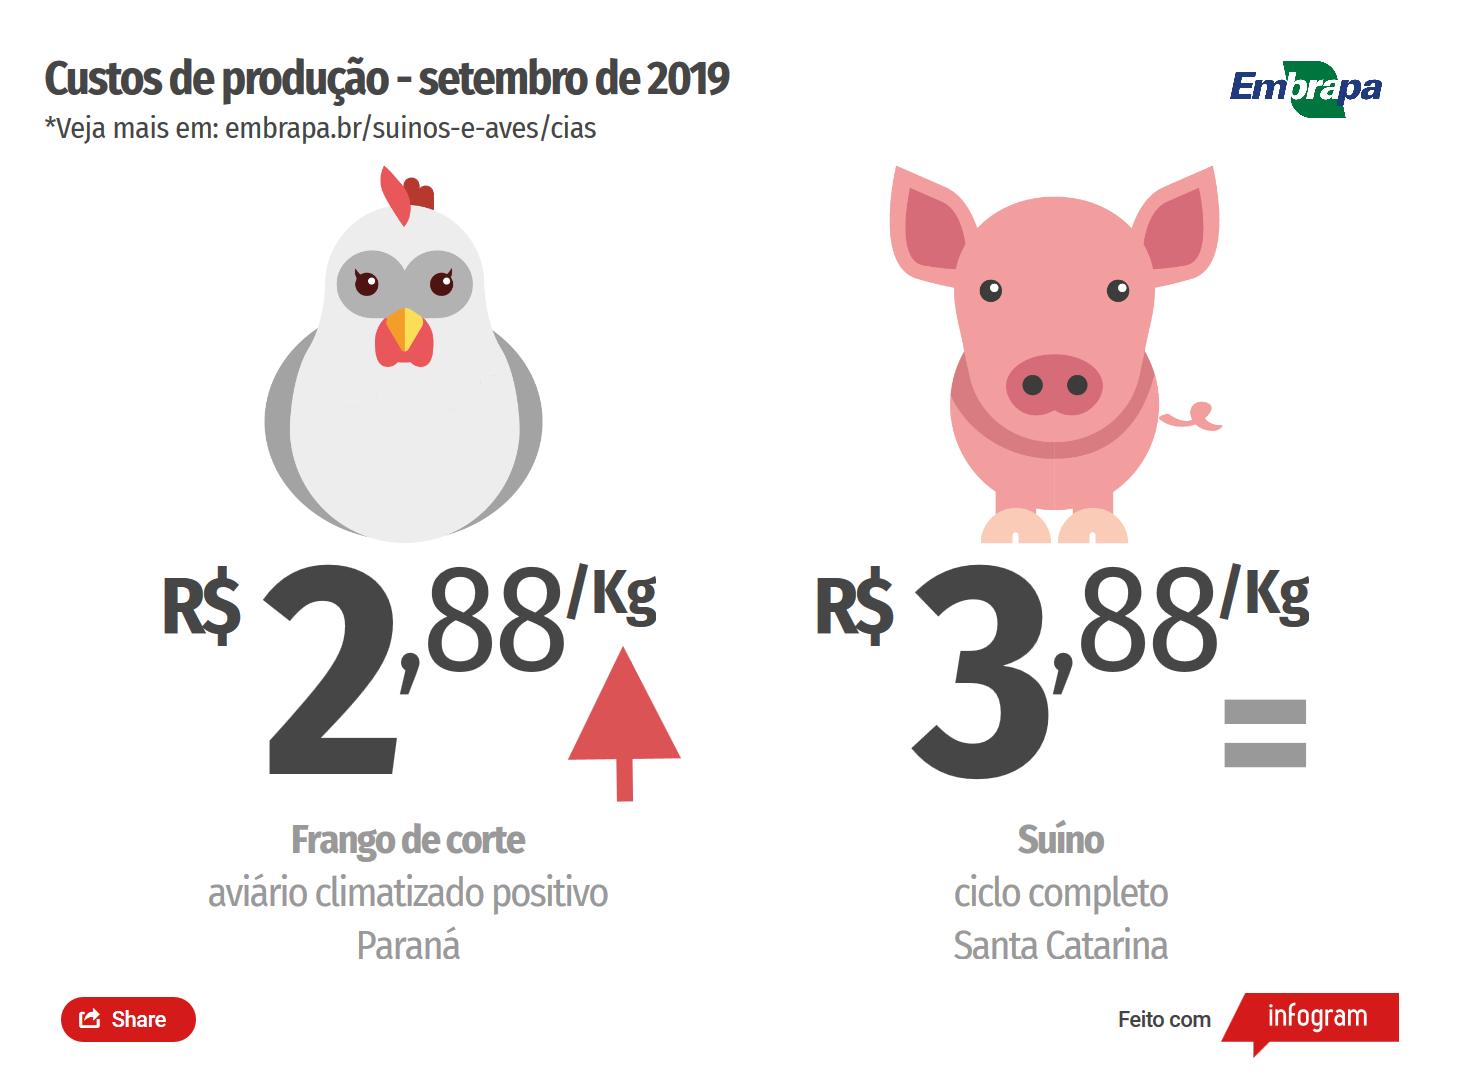 Custos de produção de suínos se mantêm estáveis em setembro; produzir frango fica mais caro